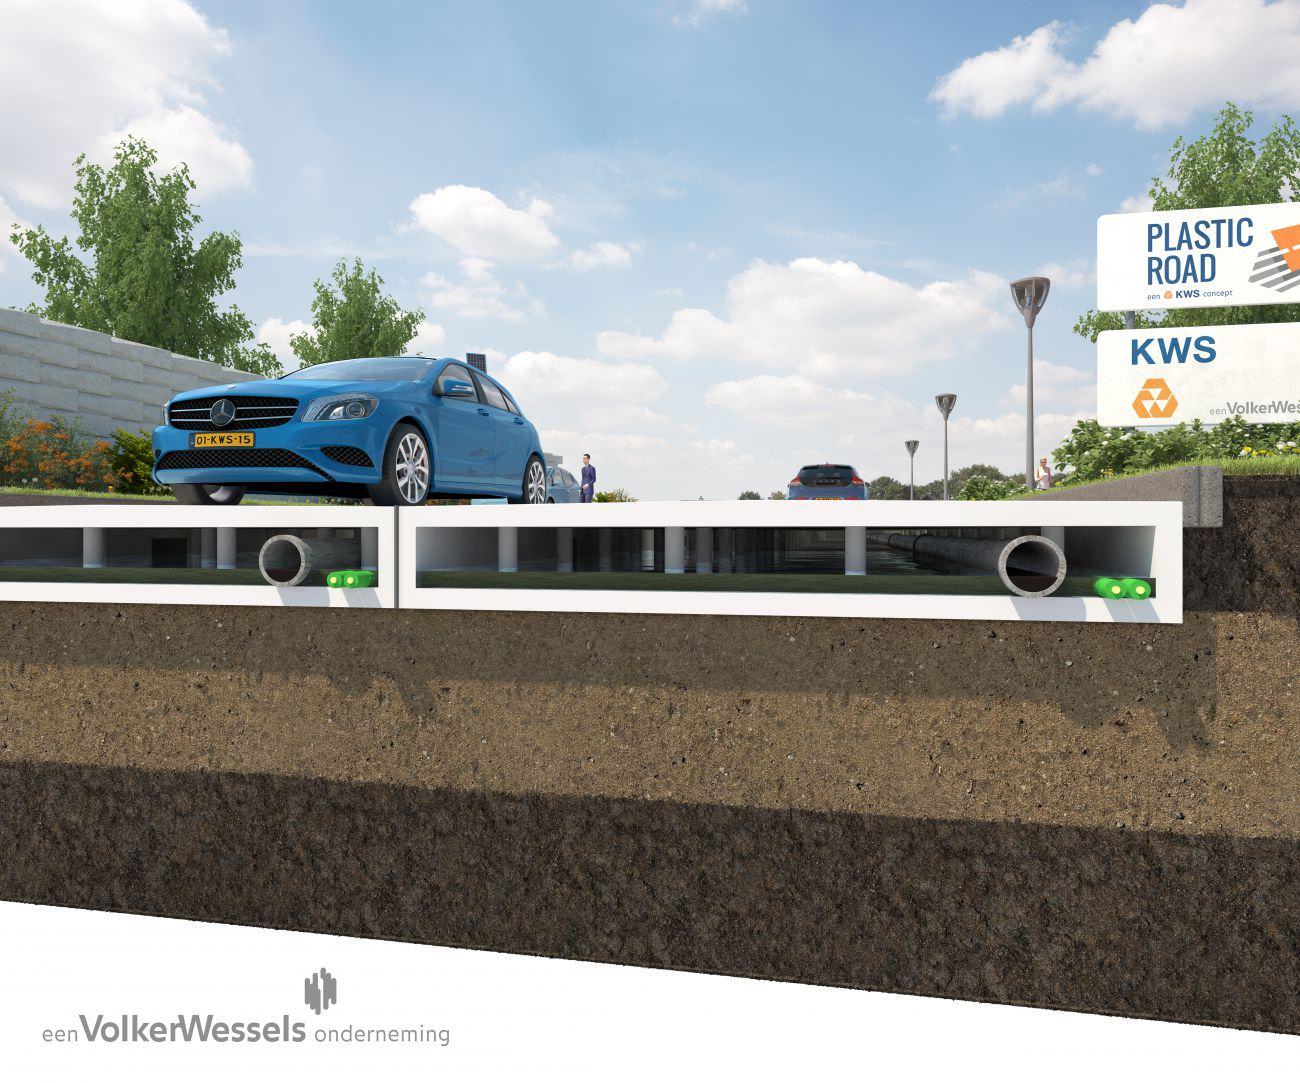 プラスチックの道路が、今後の道路の中心素材になる日は来るのでしょうか。